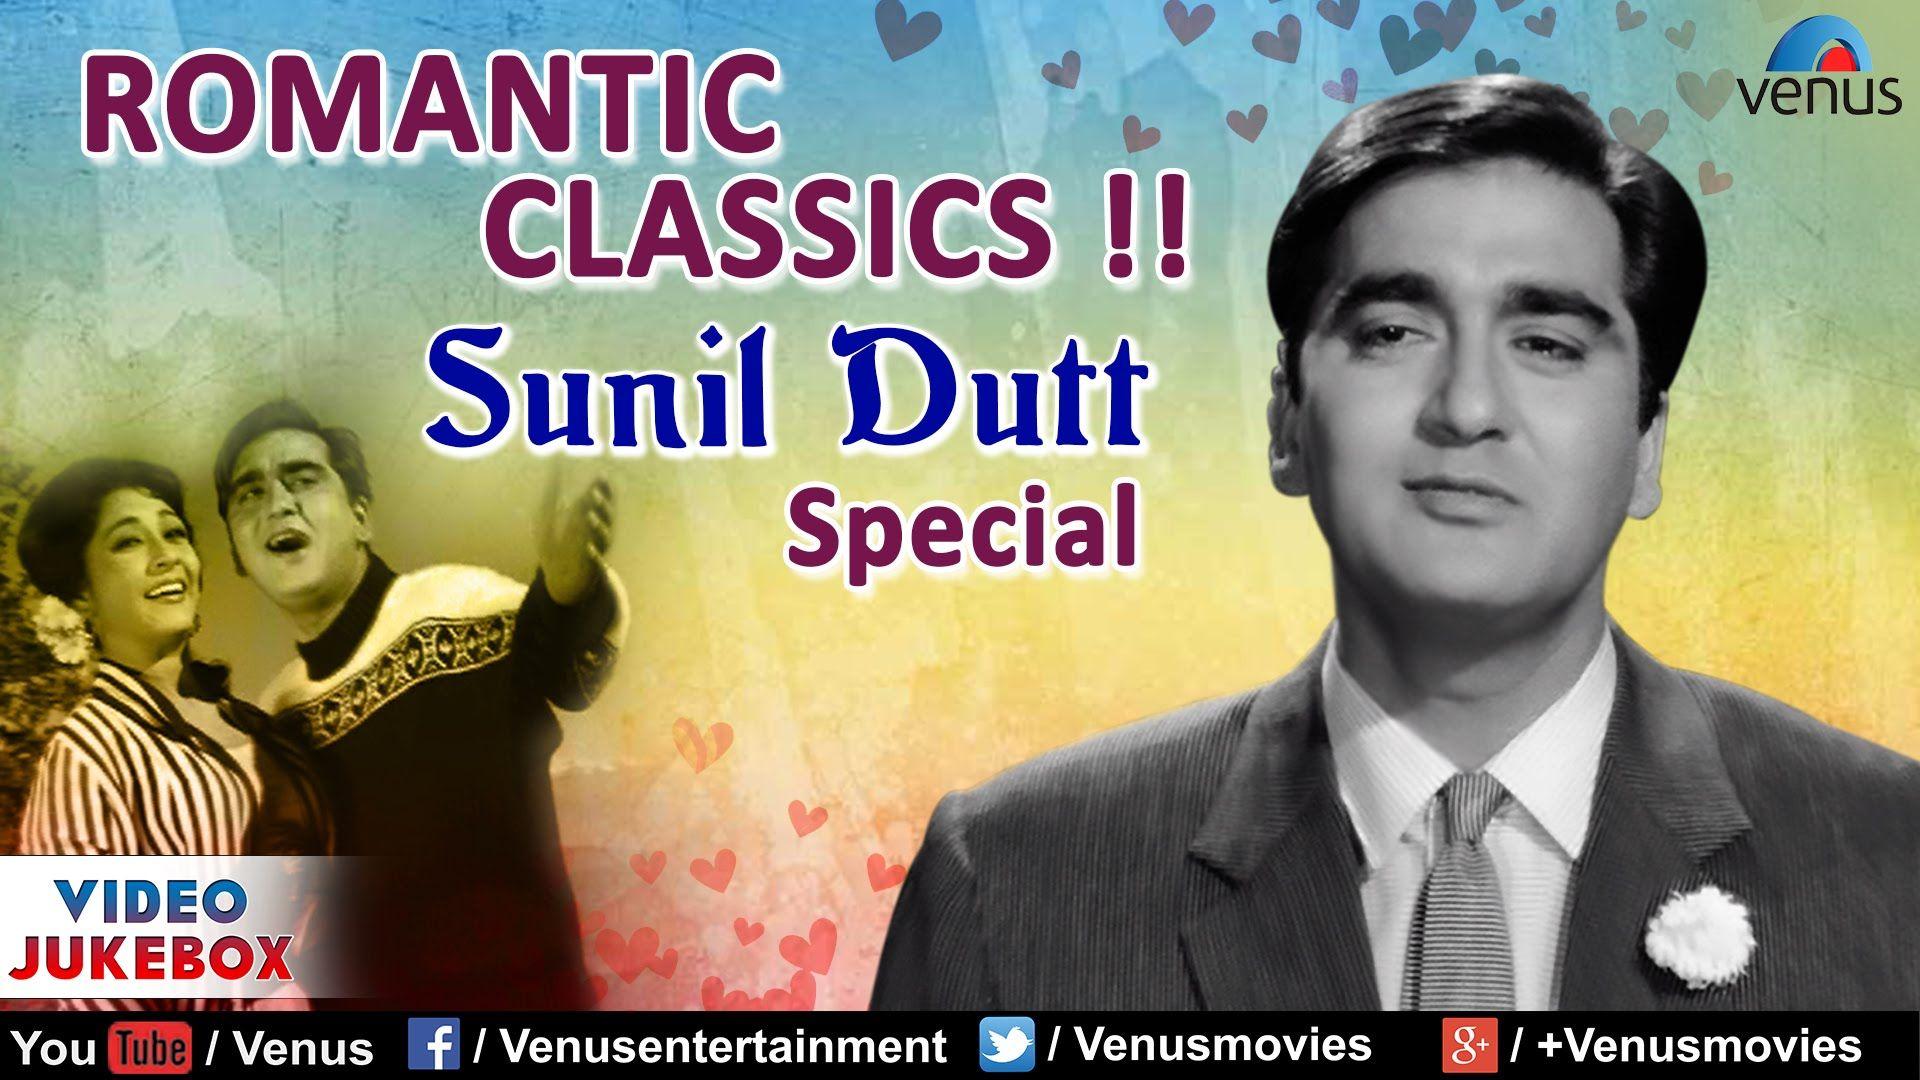 Romantic Classics Sunil Dutt Evergreen Romantic Hindi Songs Video Songs 2017 Songs Bollywood Songs